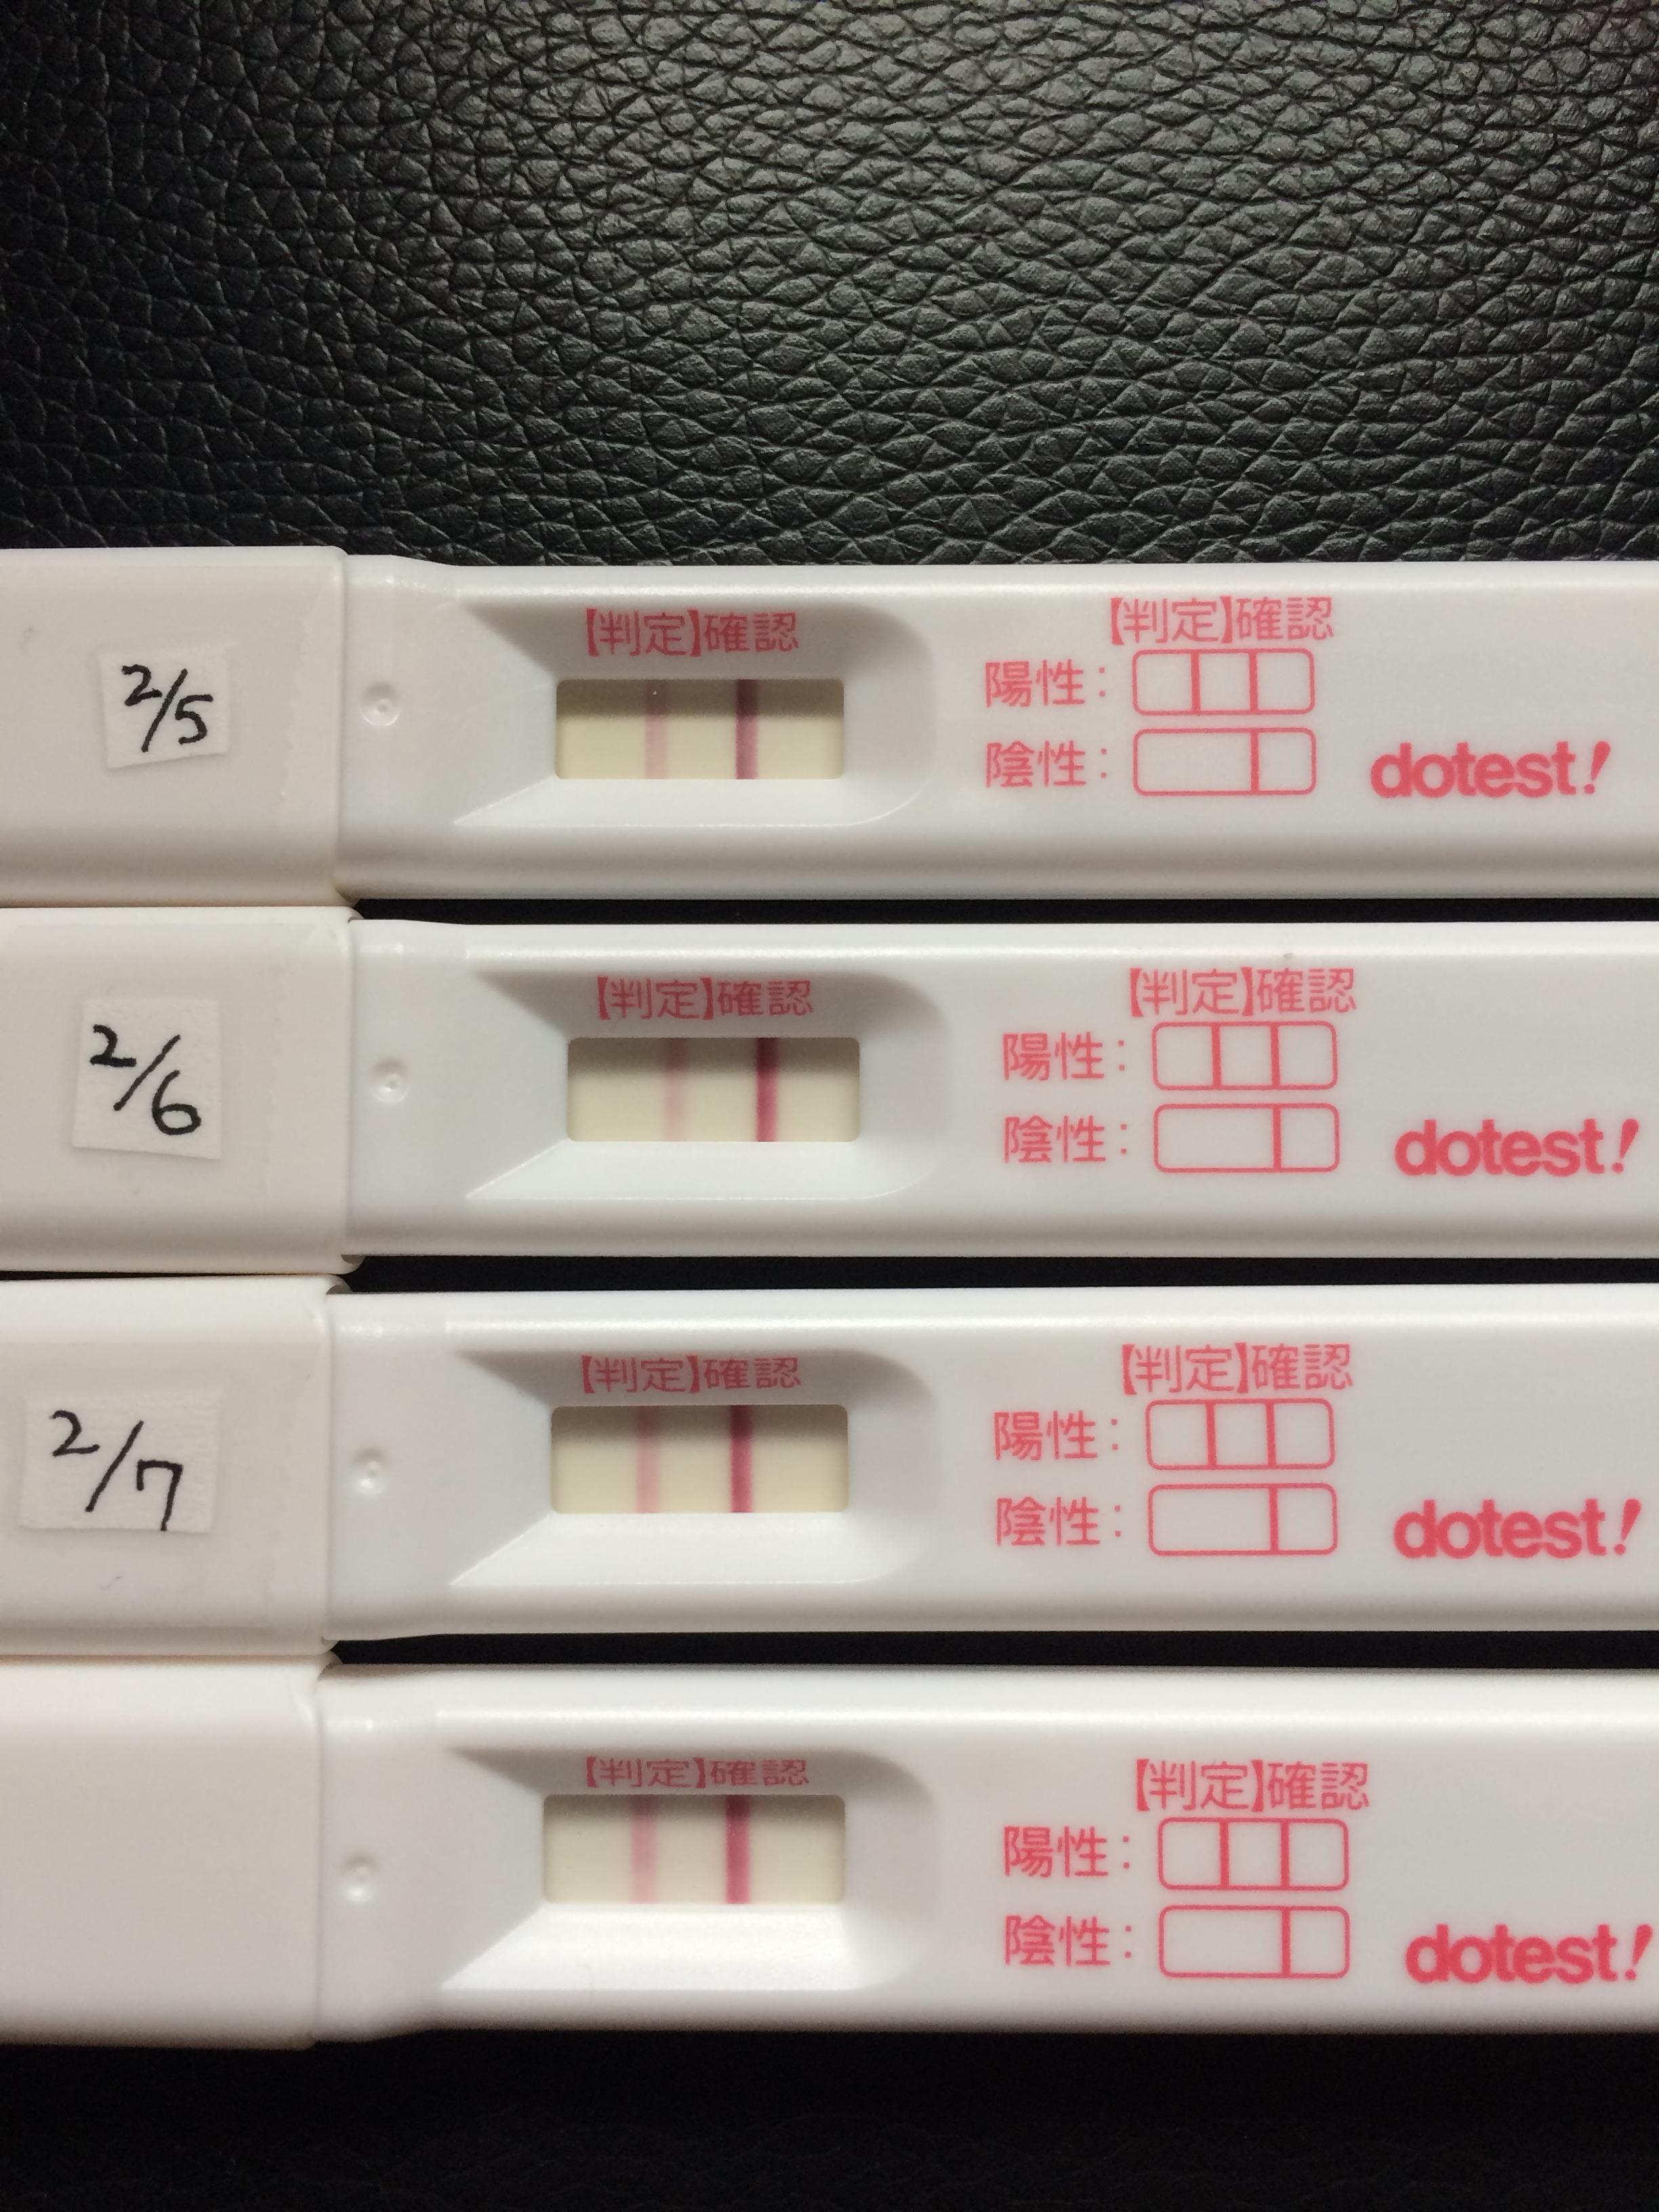 陽性続く 原因 排卵検査薬